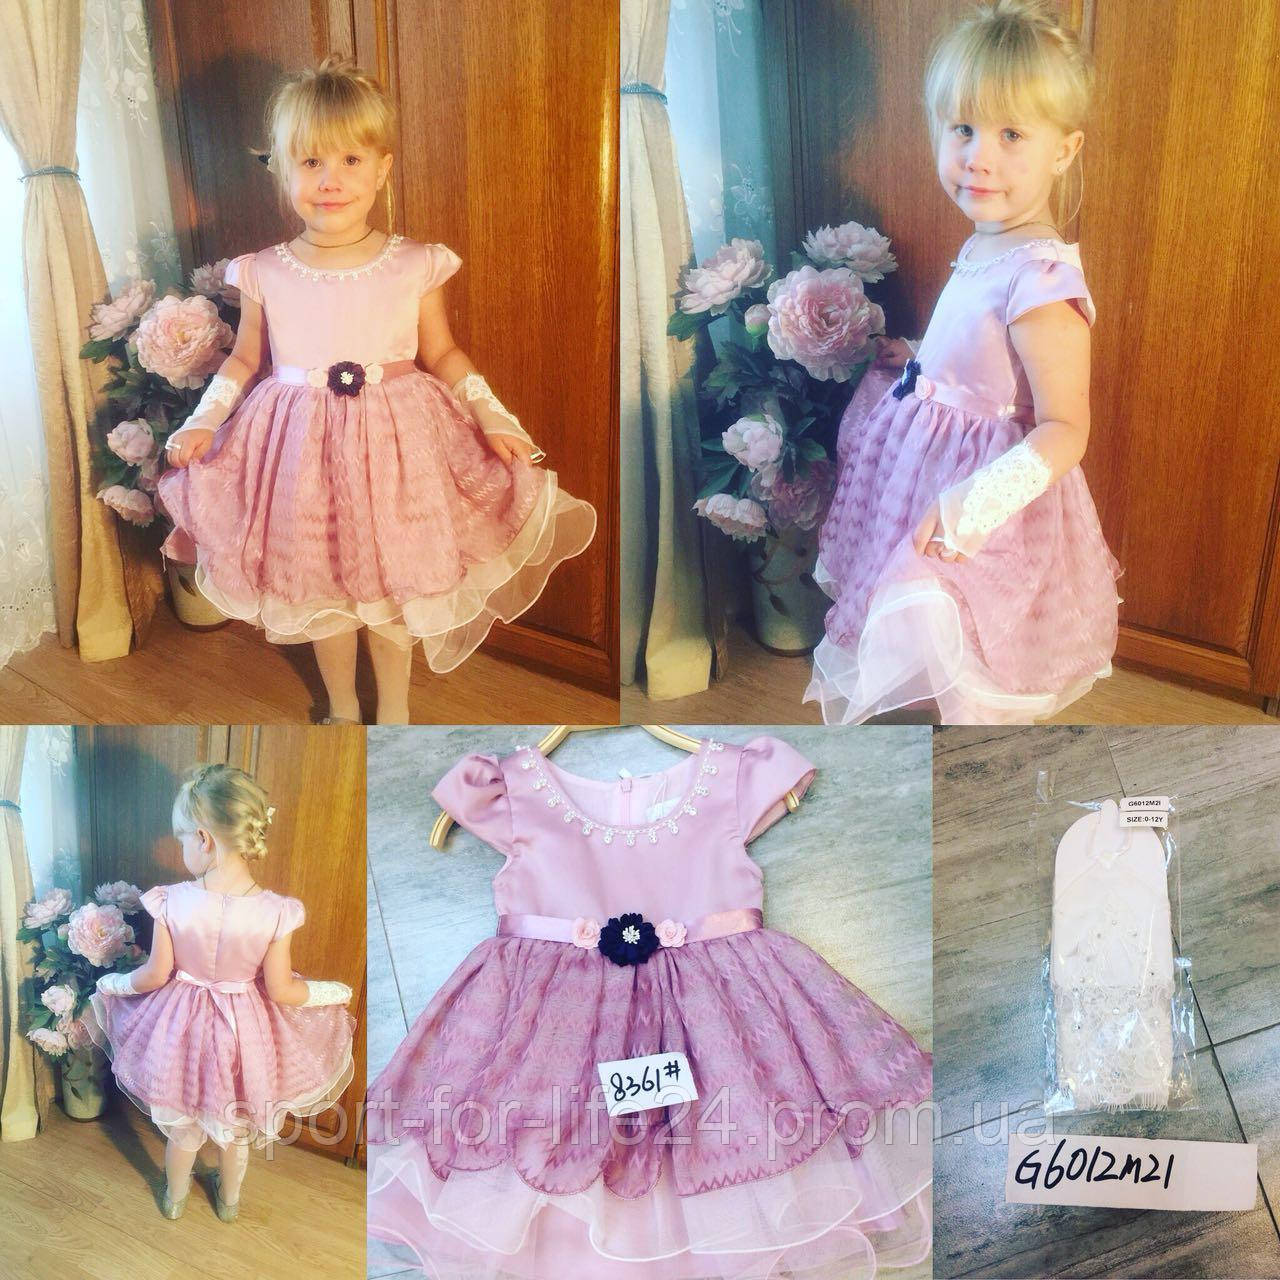 4cd88ef3d6f Детское платье